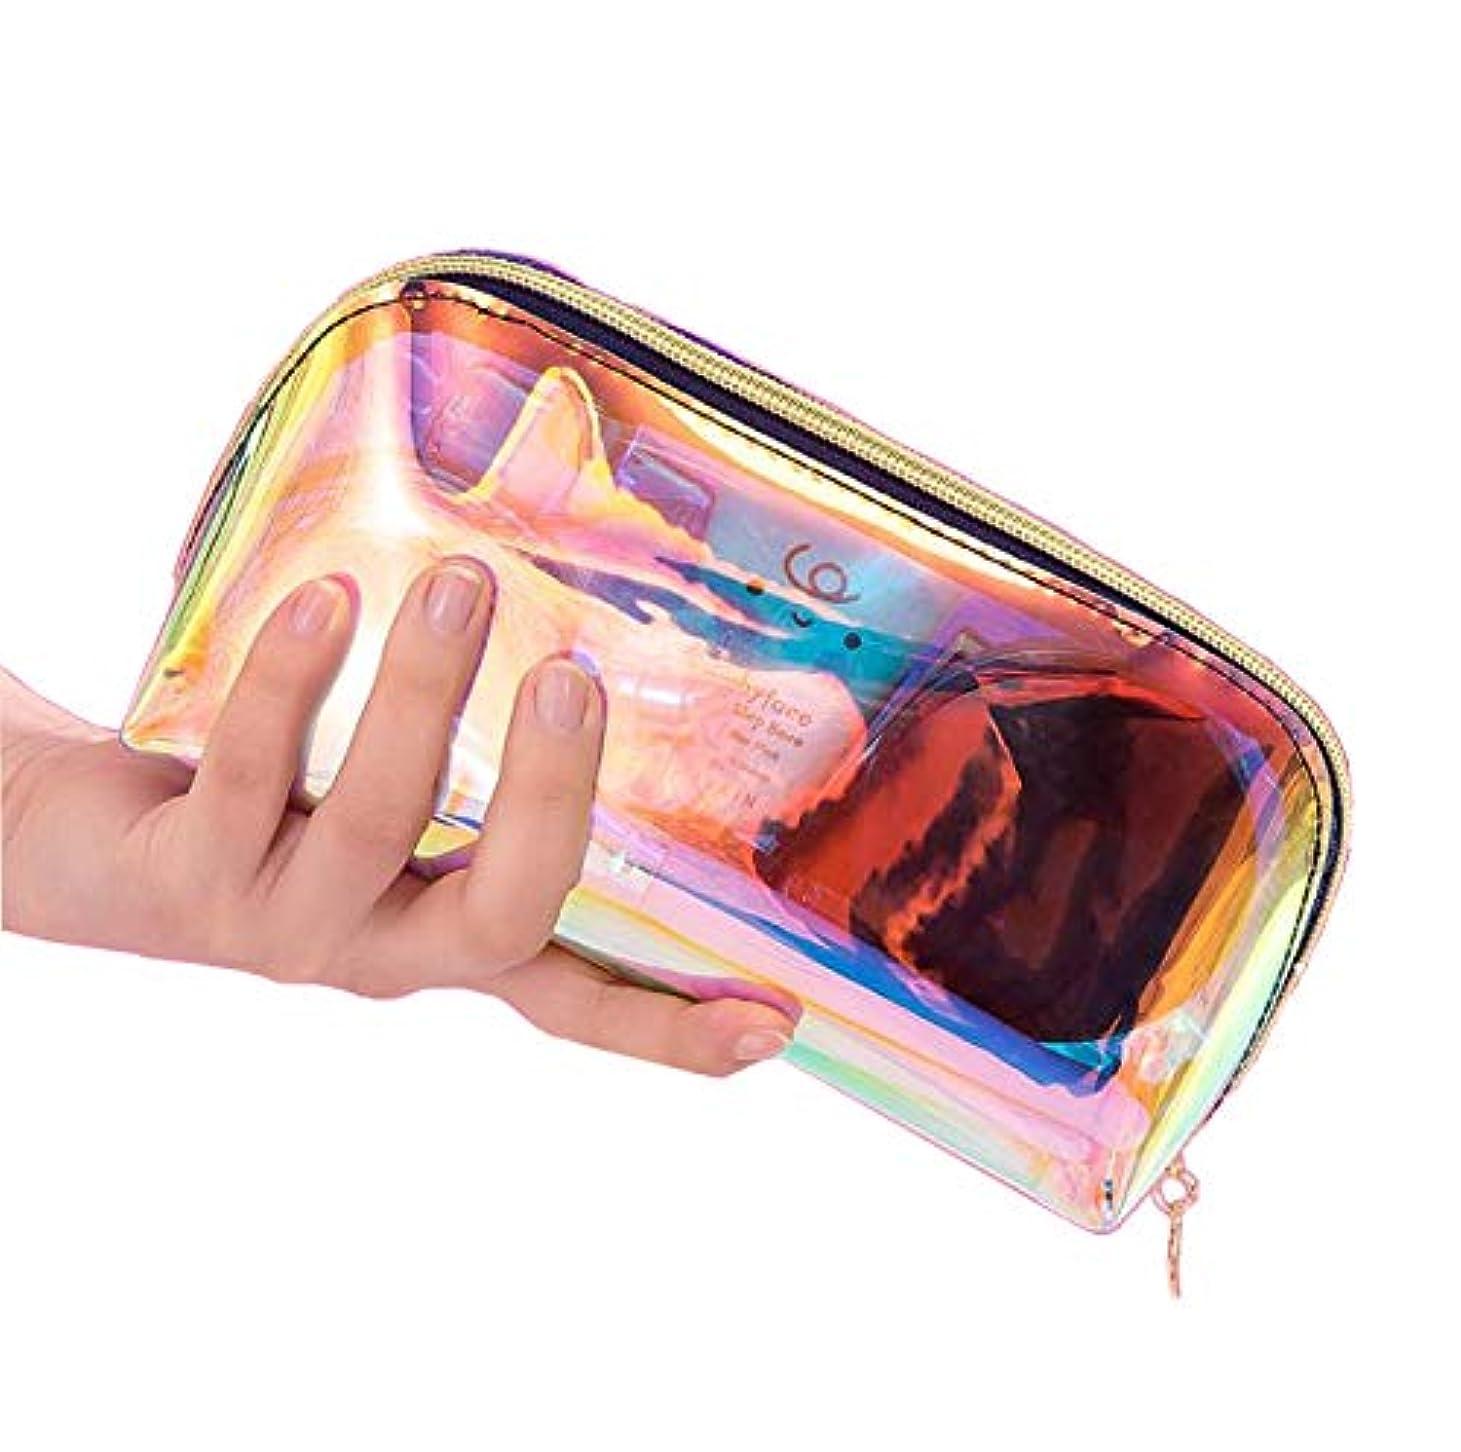 保険パラメータディンカルビルRanoki 化粧品バッグ 収納防水多彩透明メッシュ温泉、 ビーチサイド旅行、出張、便利、メイク 収納 メイクブラシポーチ化粧品